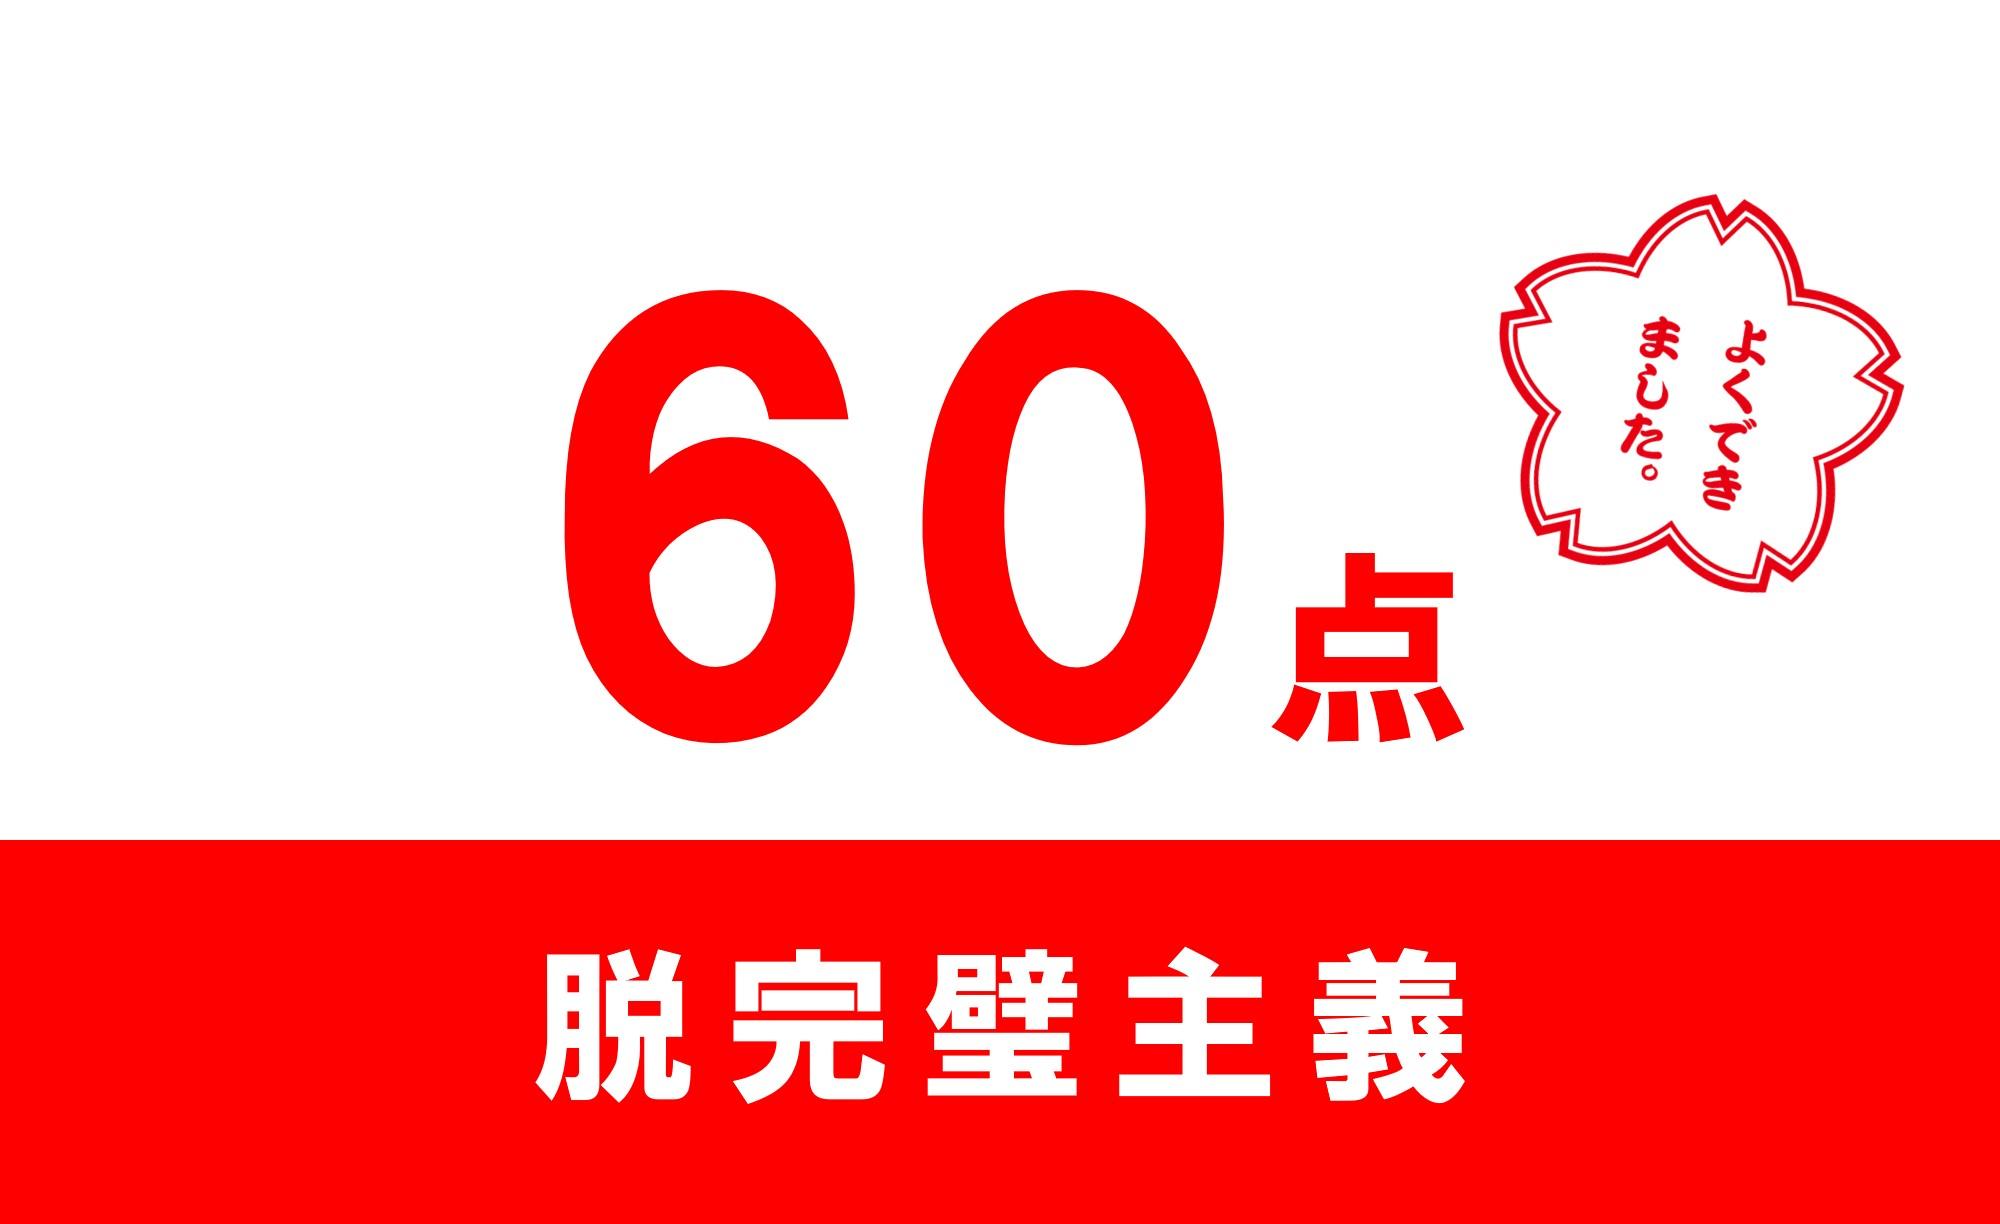 「60点主義」で中小零細企業はグイグイ前に進め!【脱完璧主義のすゝめ】